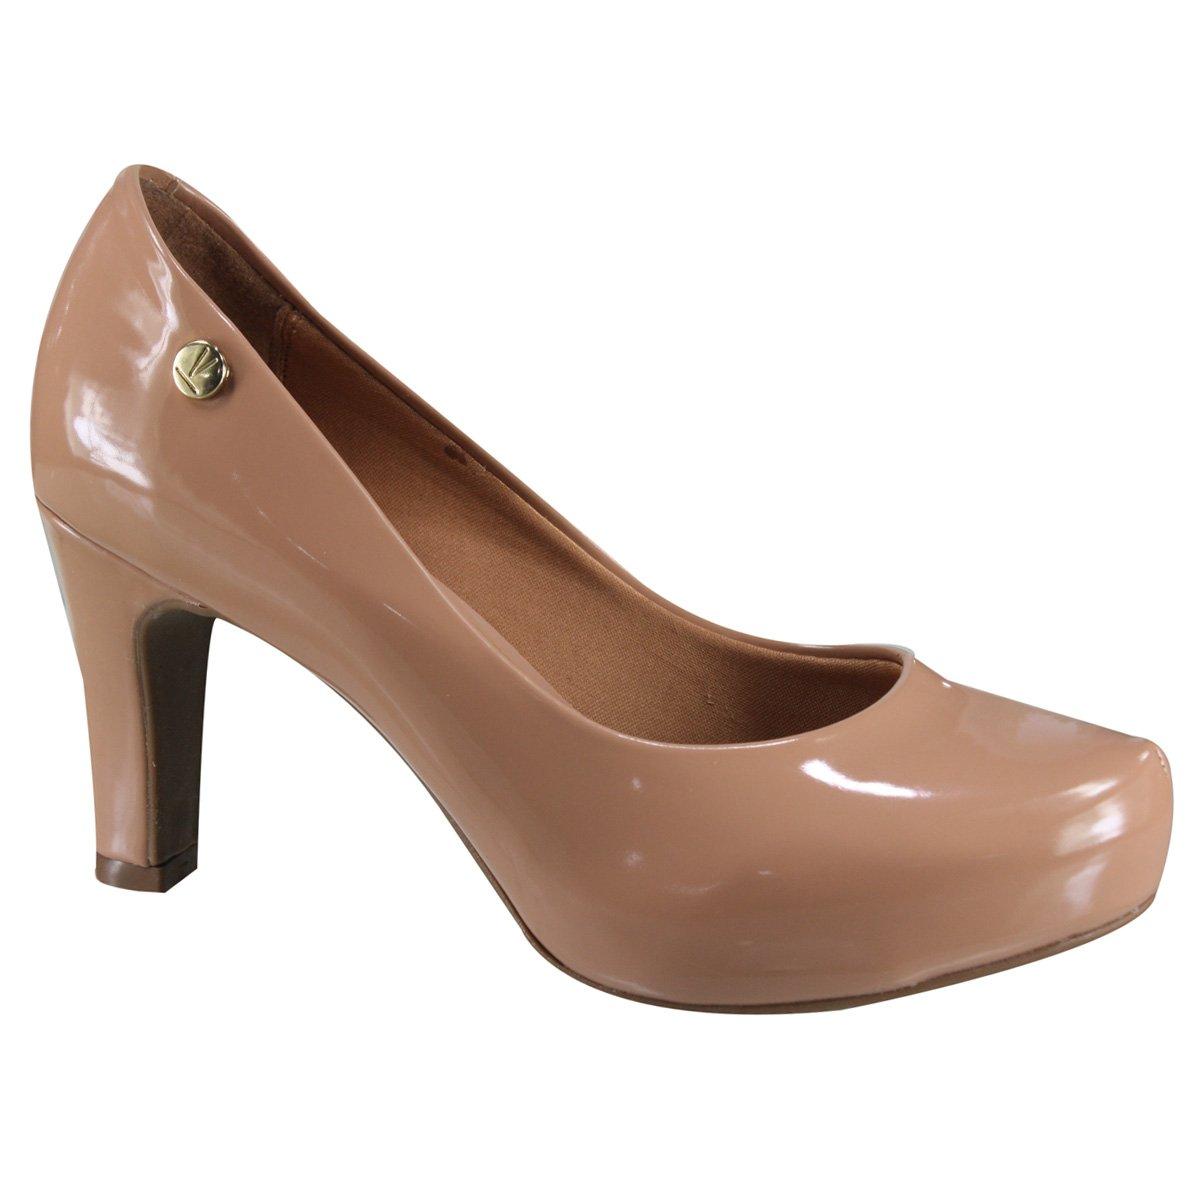 ffbb4fc8e Sapato Feminino Vizzano 1840.101 13488 52531 - Nude (Verniz Premium ...